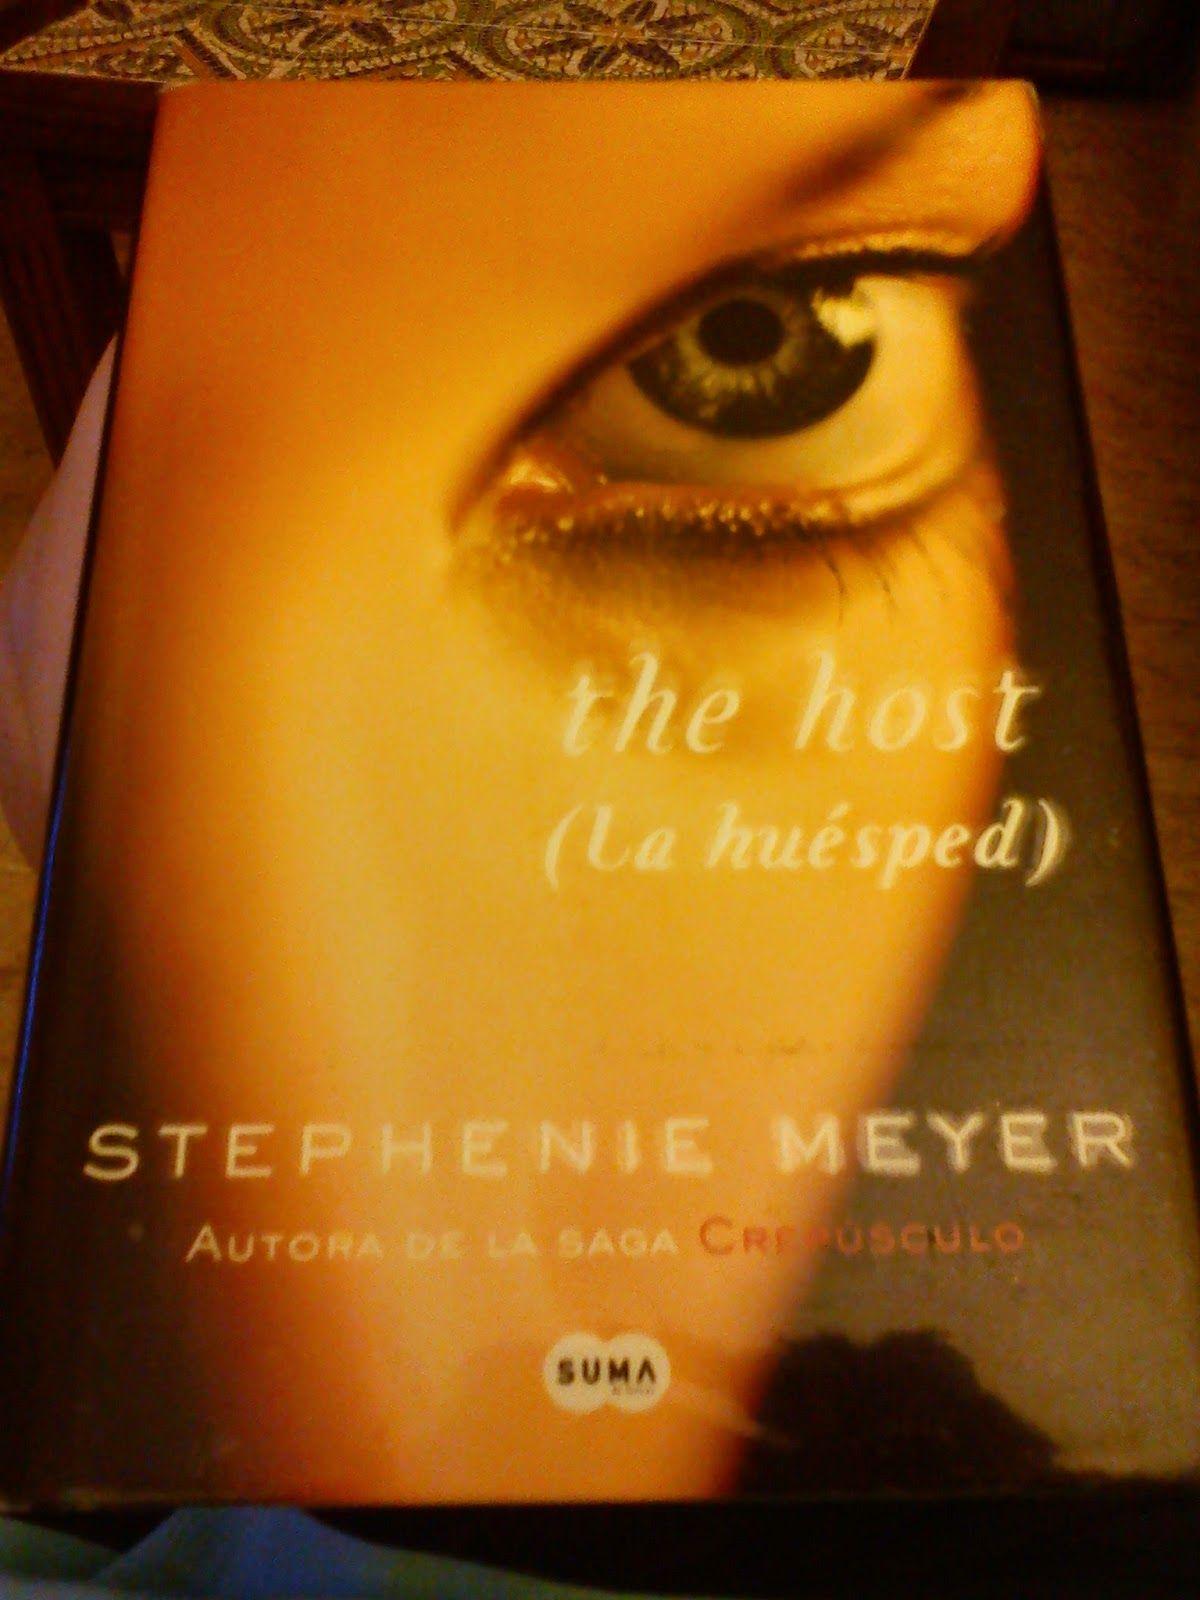 Libro La Huesped De Stephenie Meyer Pdf